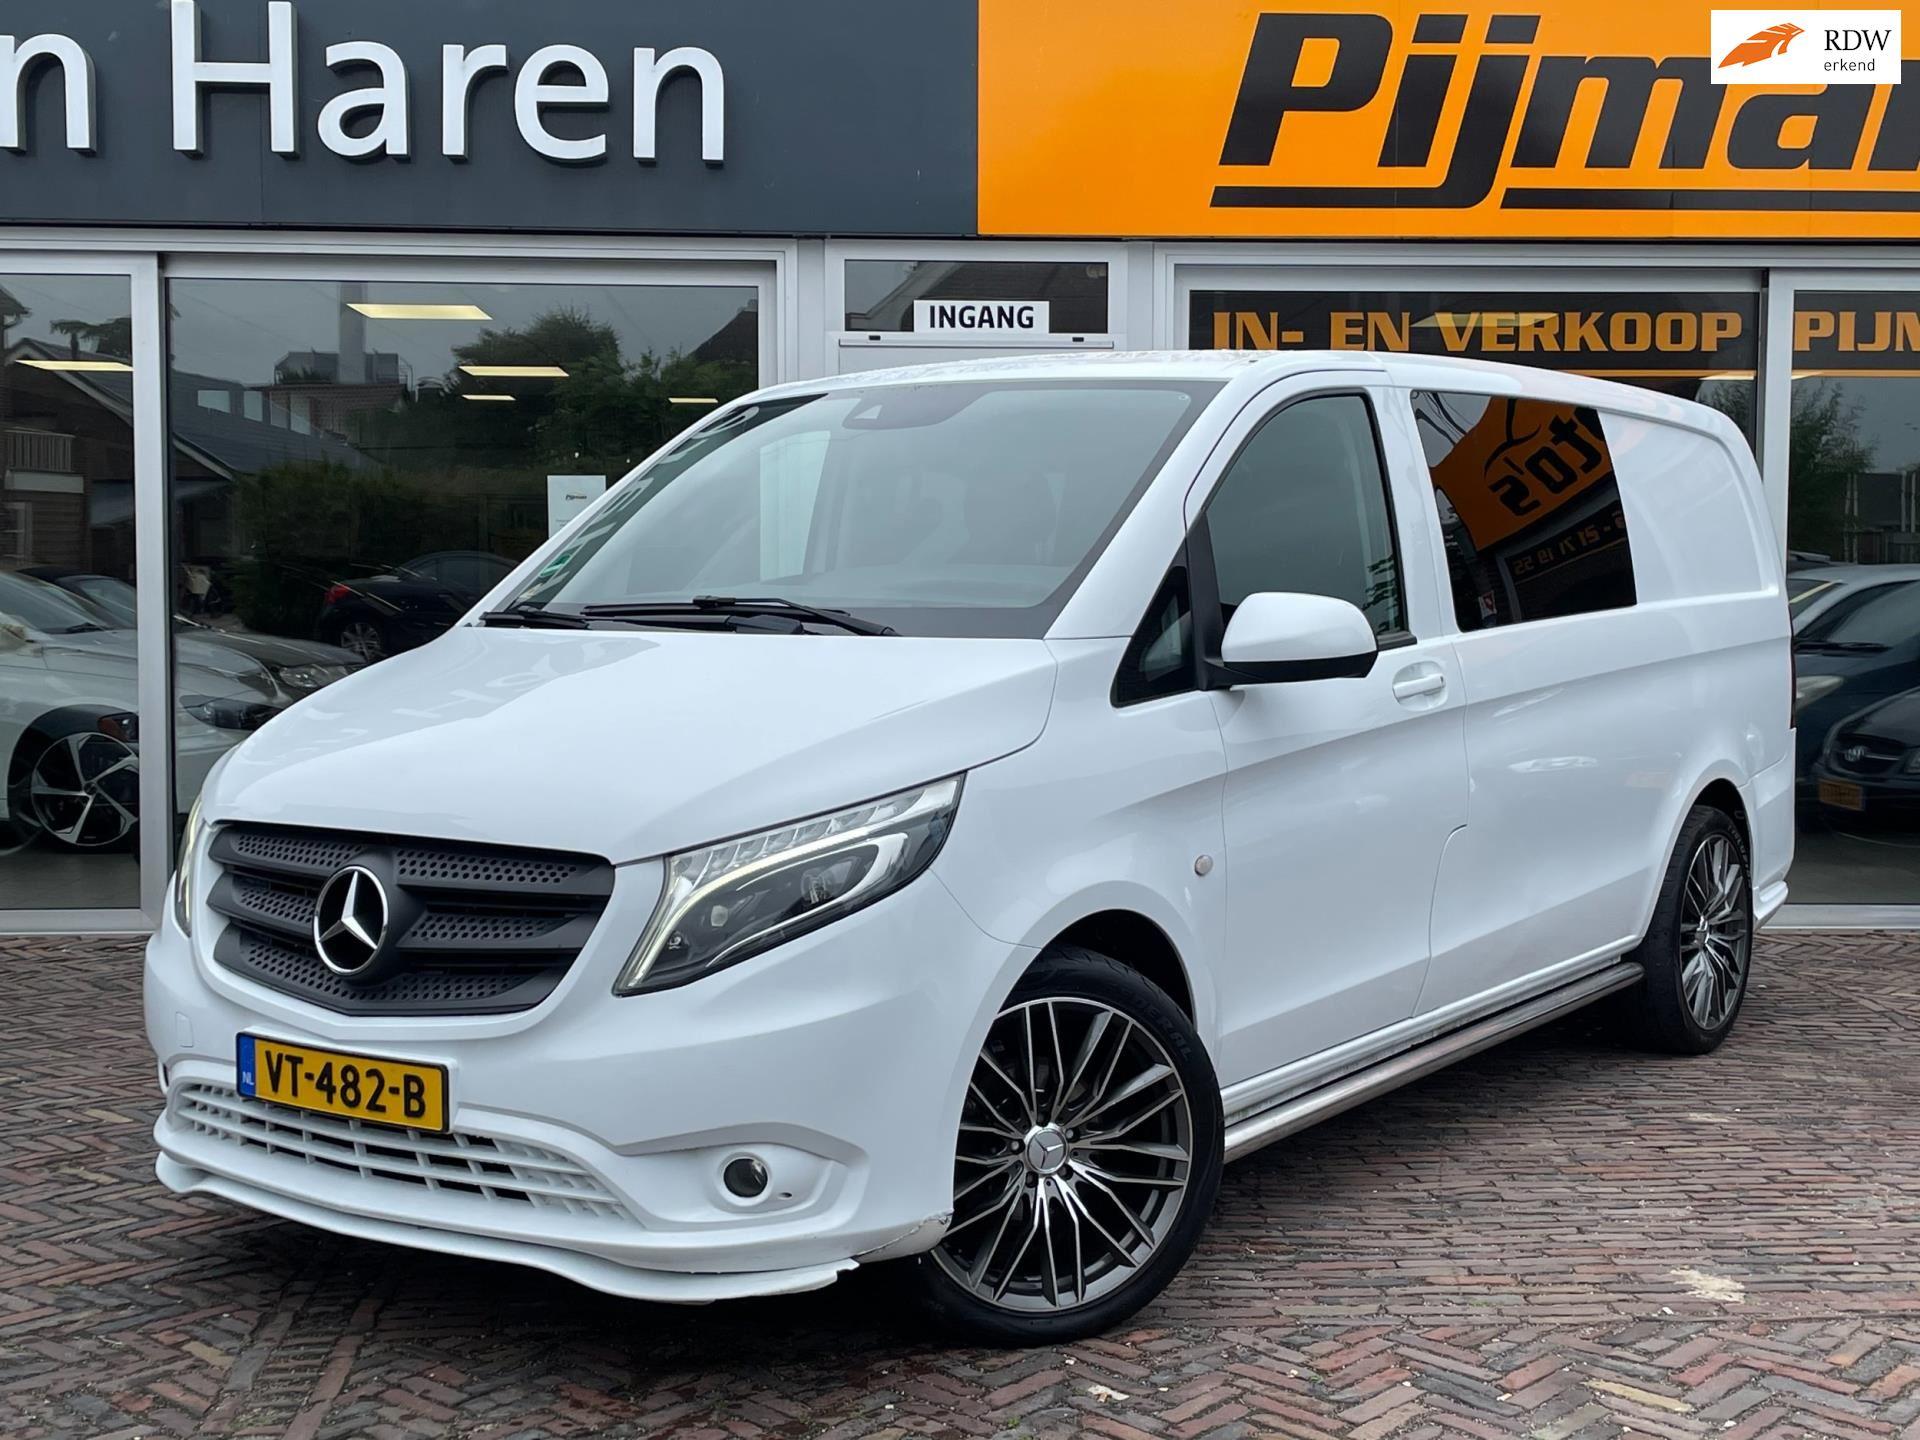 Mercedes-Benz Vito occasion - Pijman Auto's